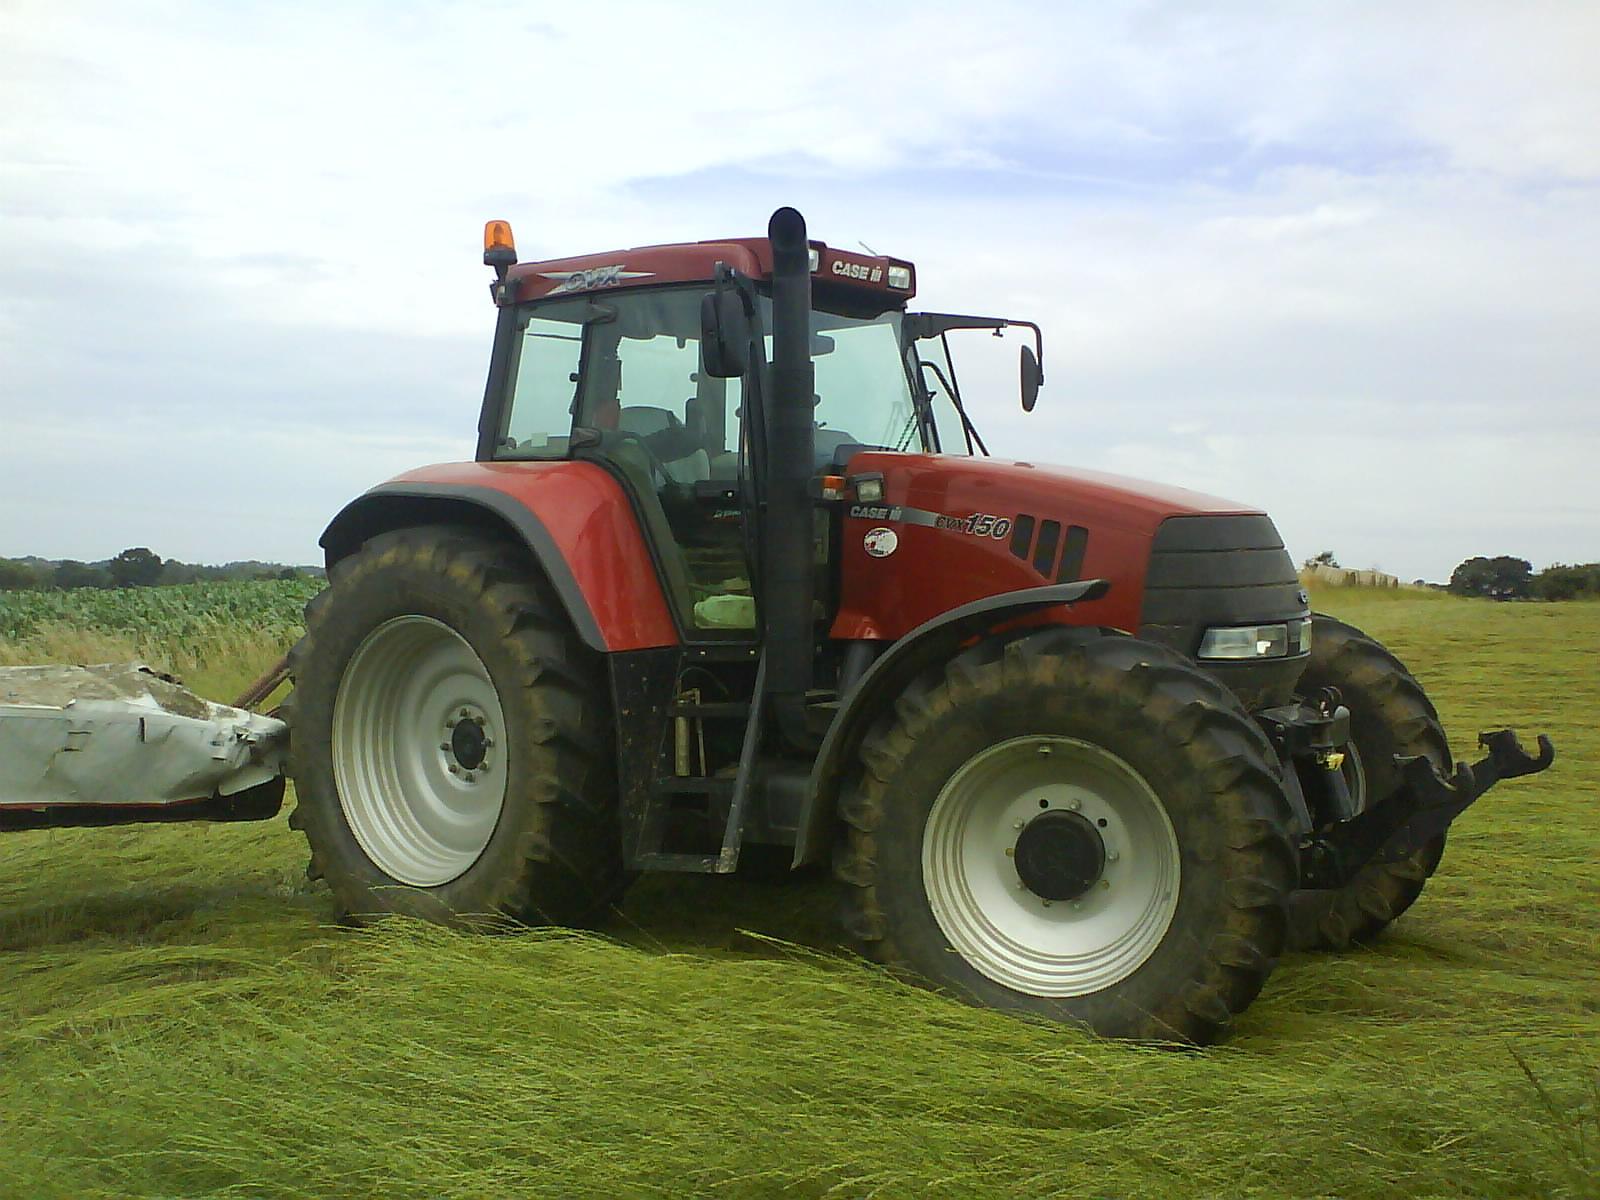 Dessins En Couleurs à Imprimer : Tracteur, Numéro : 692658